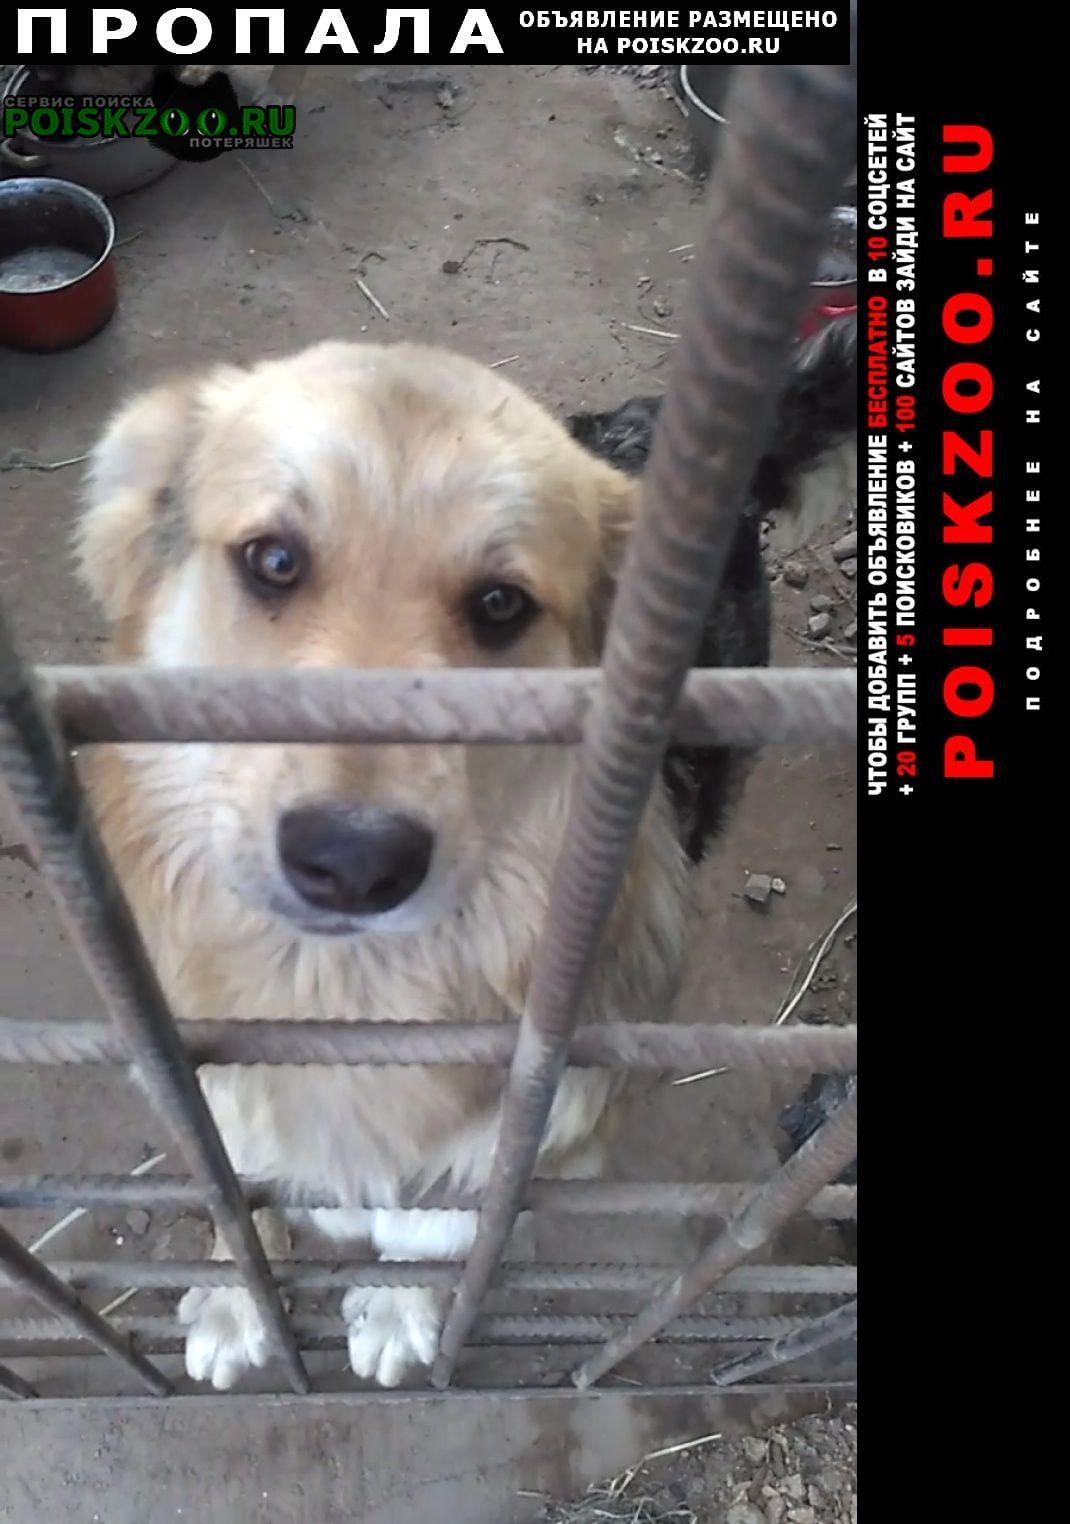 Пропала собака кобель пёс.салова прогонная грузинская у Санкт-Петербург